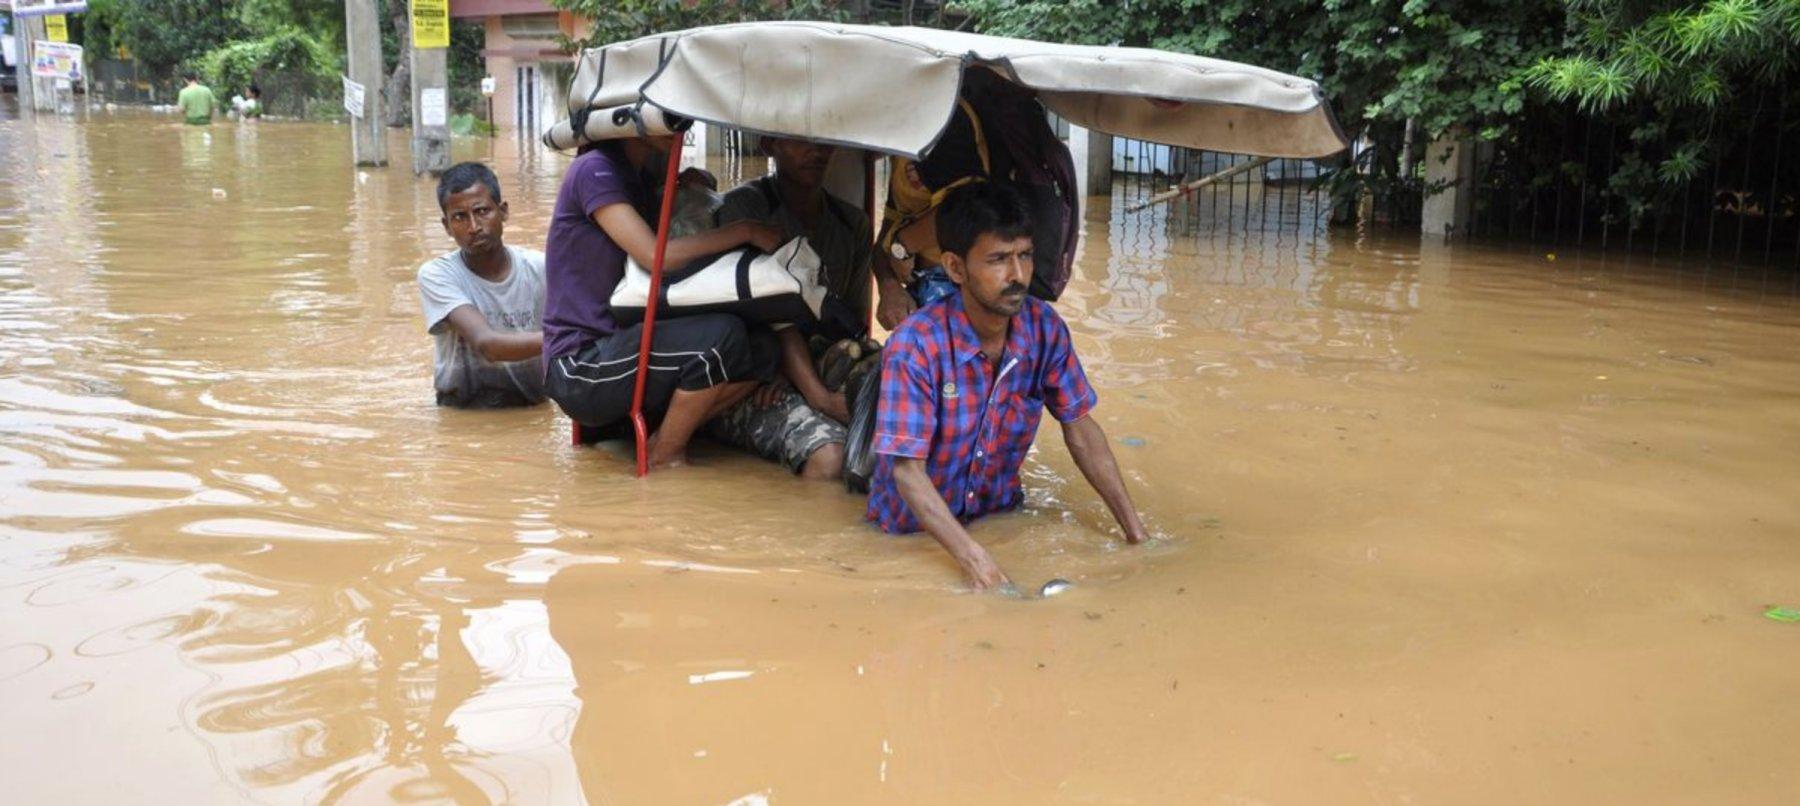 Inondation assam inde